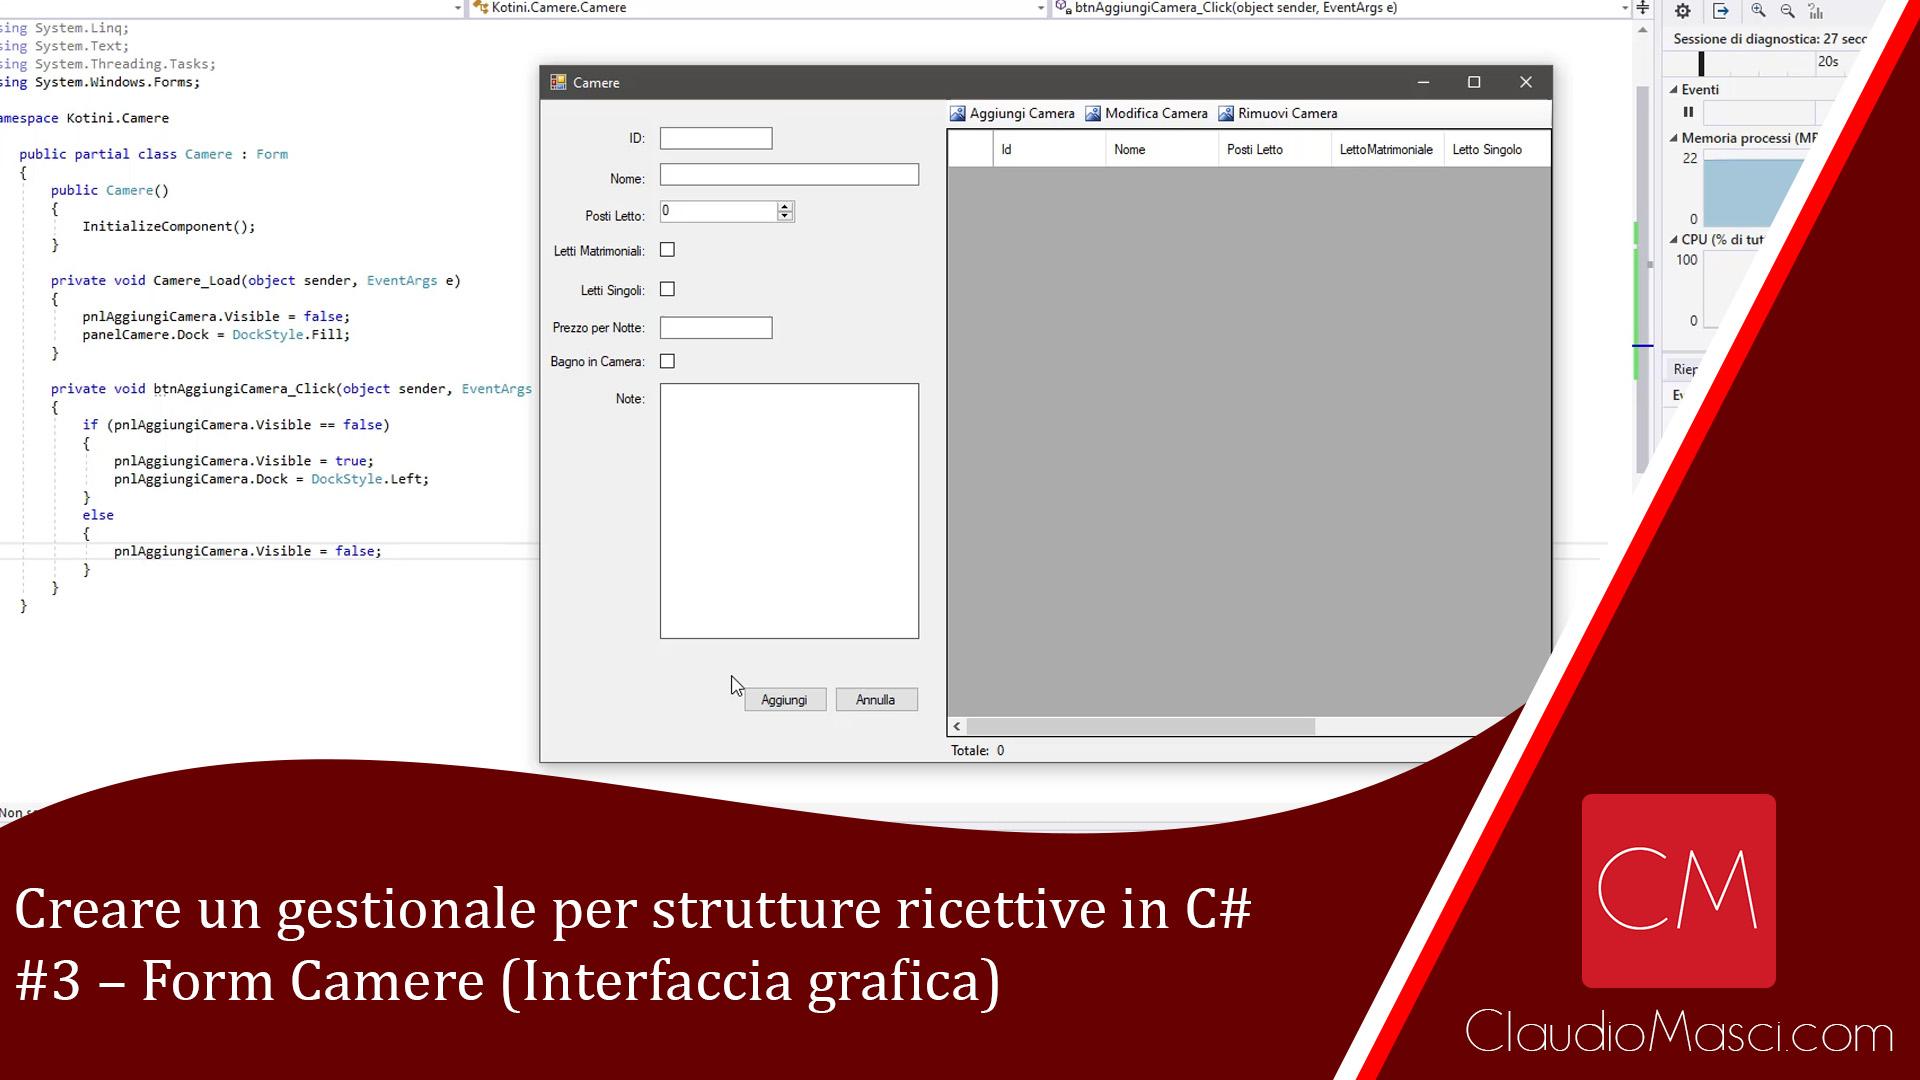 Creare un gestionale per strutture ricettive in C# – #3 – Form Camere